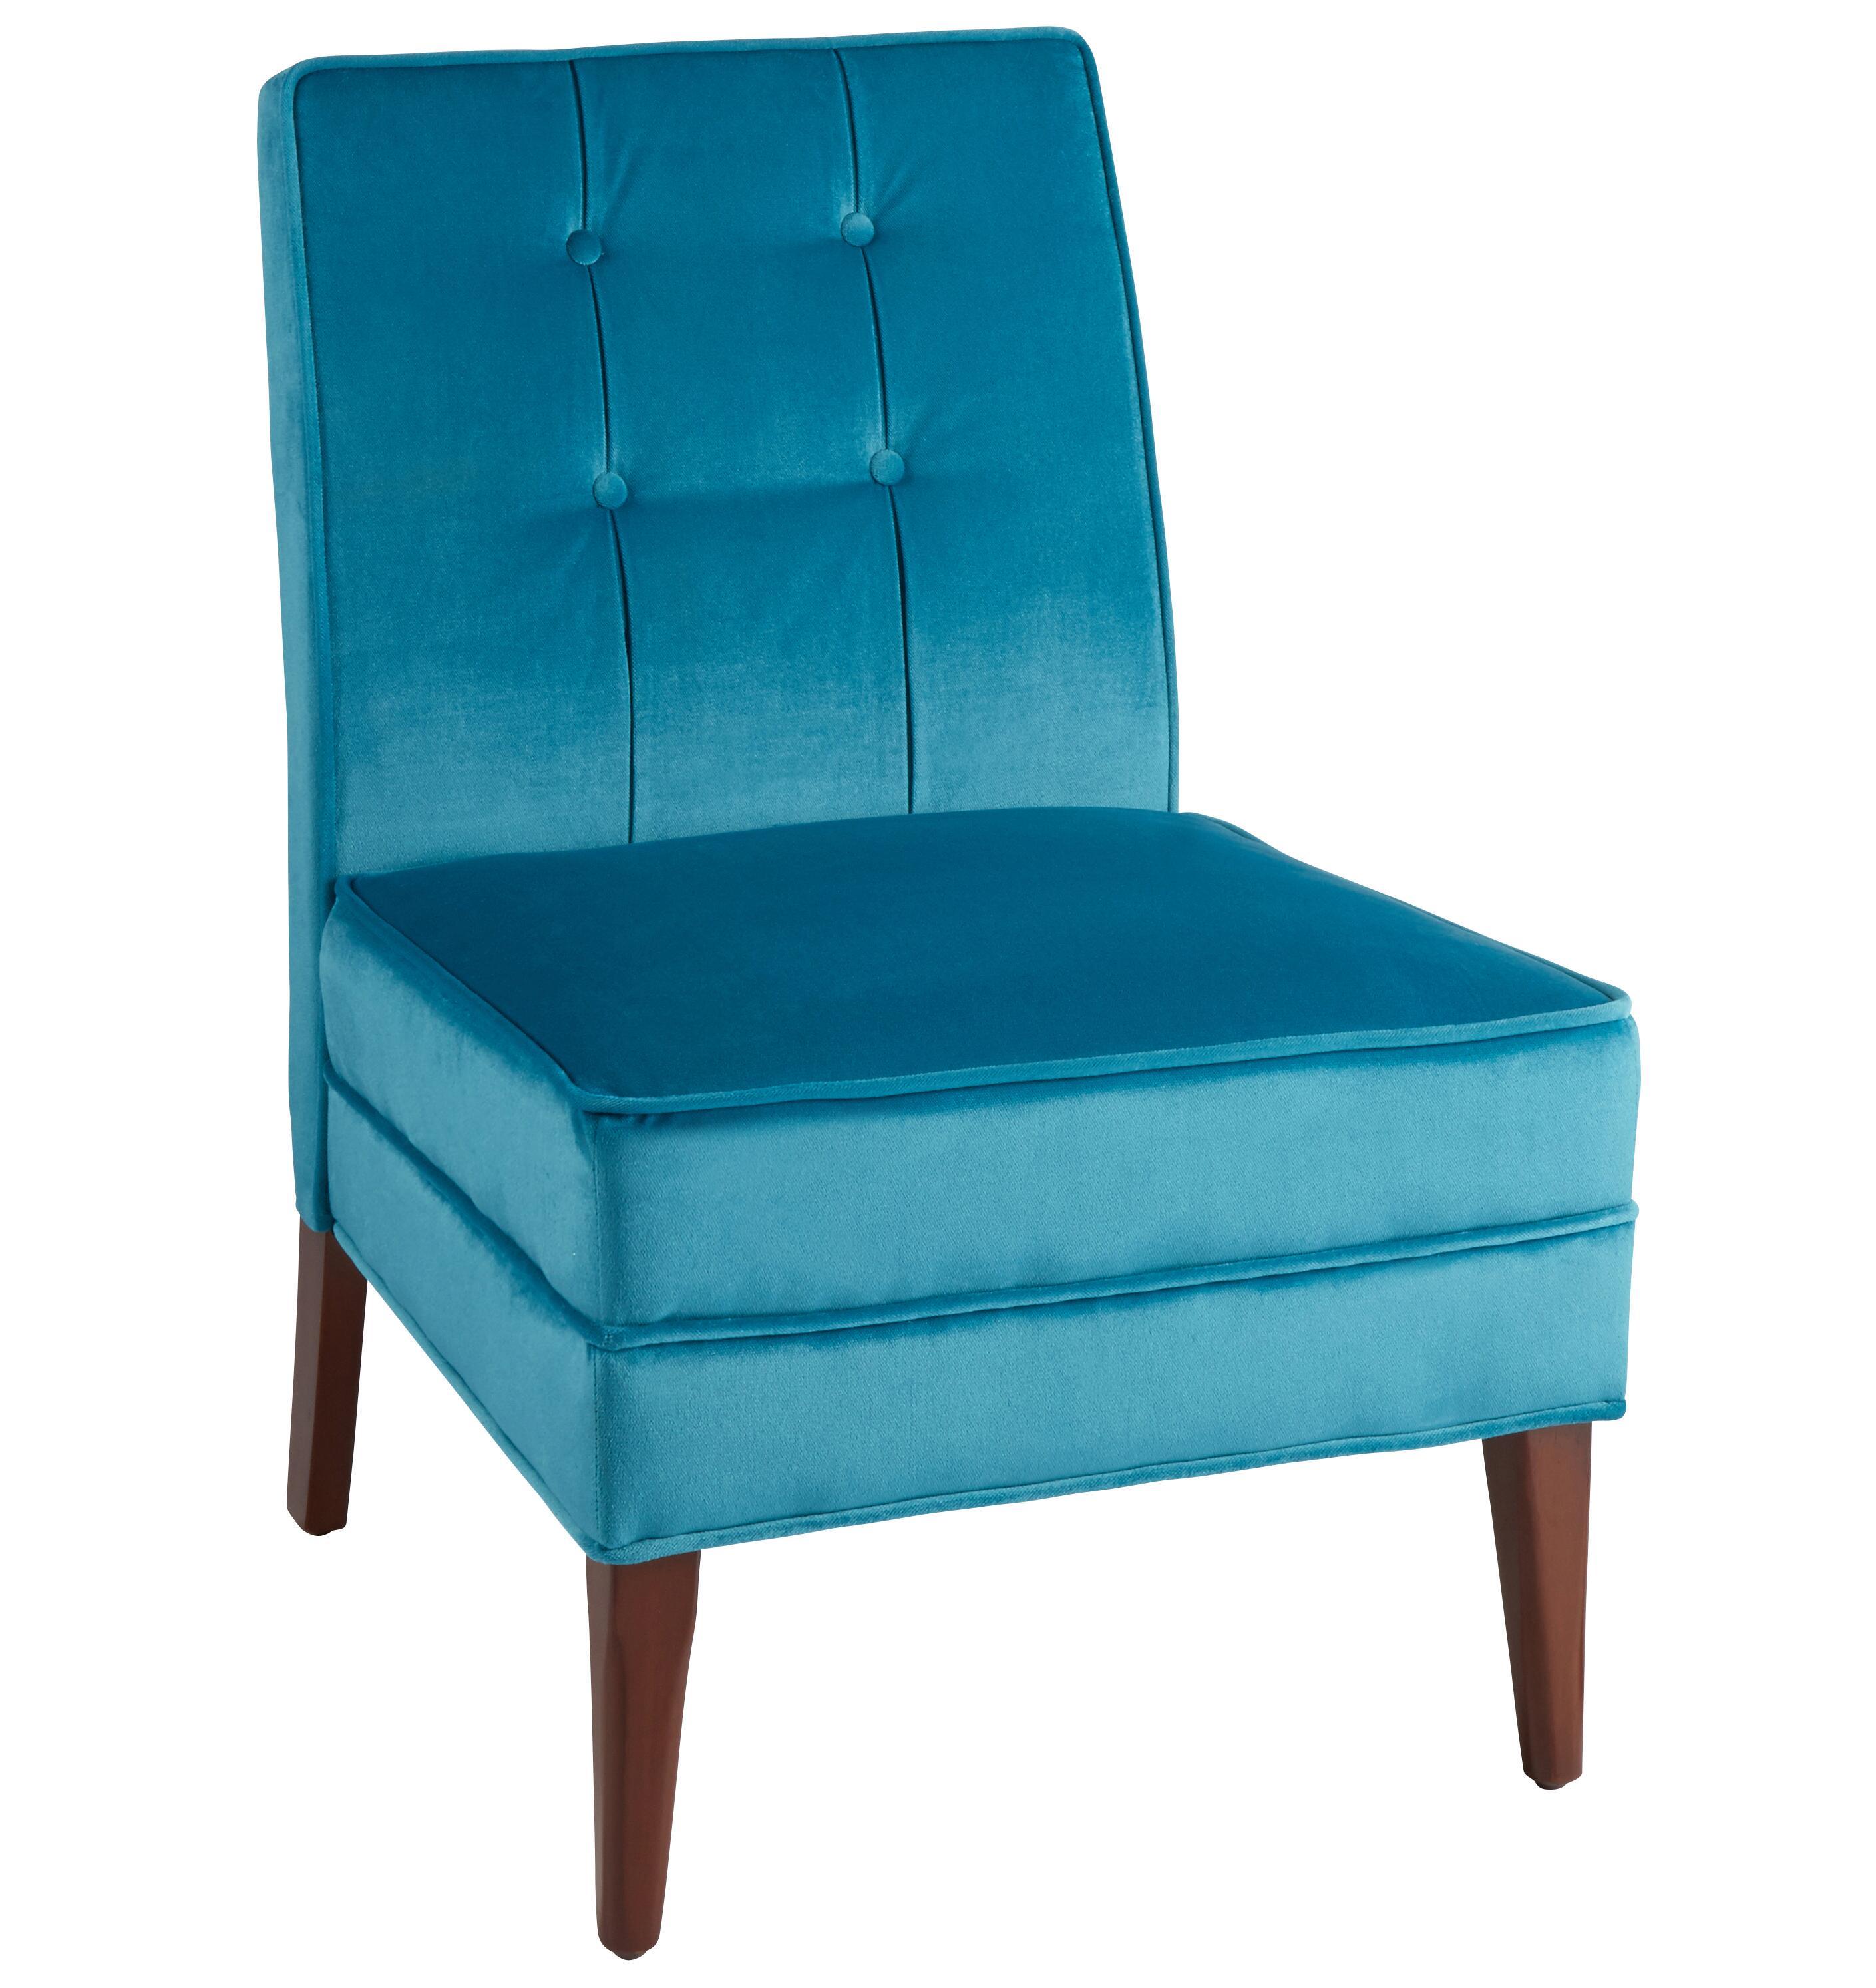 Teal Velvet Tufted Slipper Chair  Christmas Tree Shops